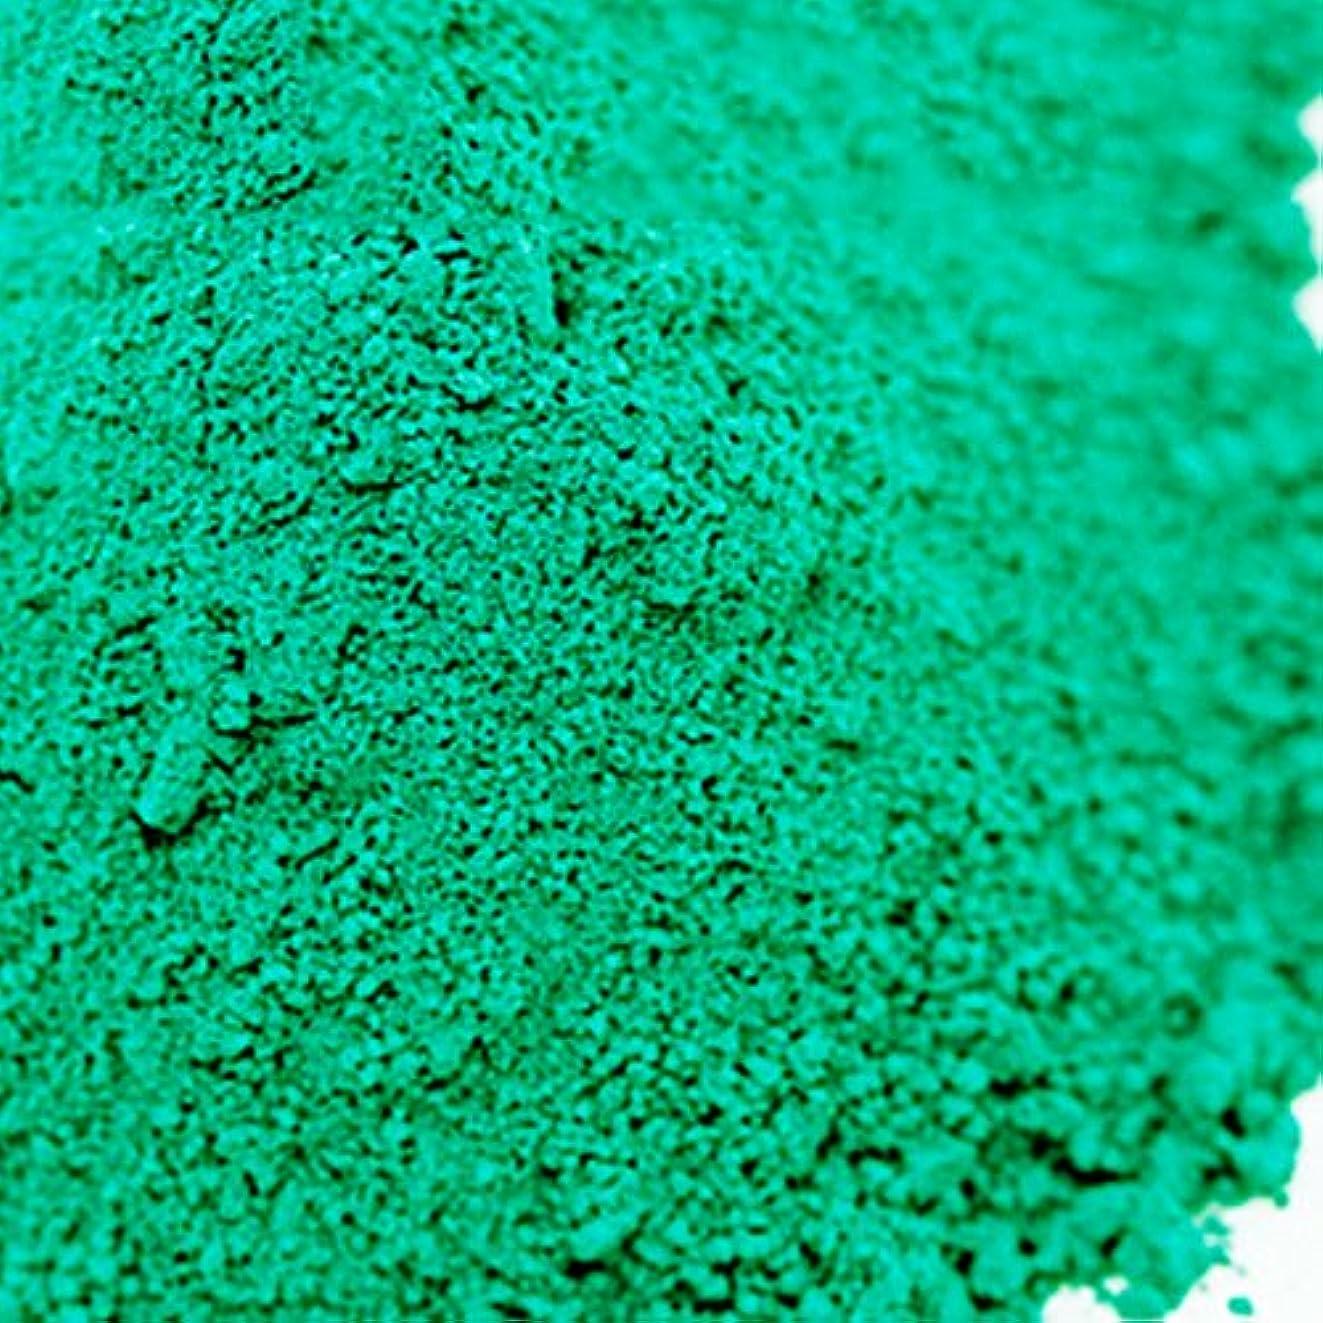 注ぎます純度フレア水酸化クロム グリーン 5g 【手作り石鹸/手作りコスメ/色付け/カラーラント/緑】